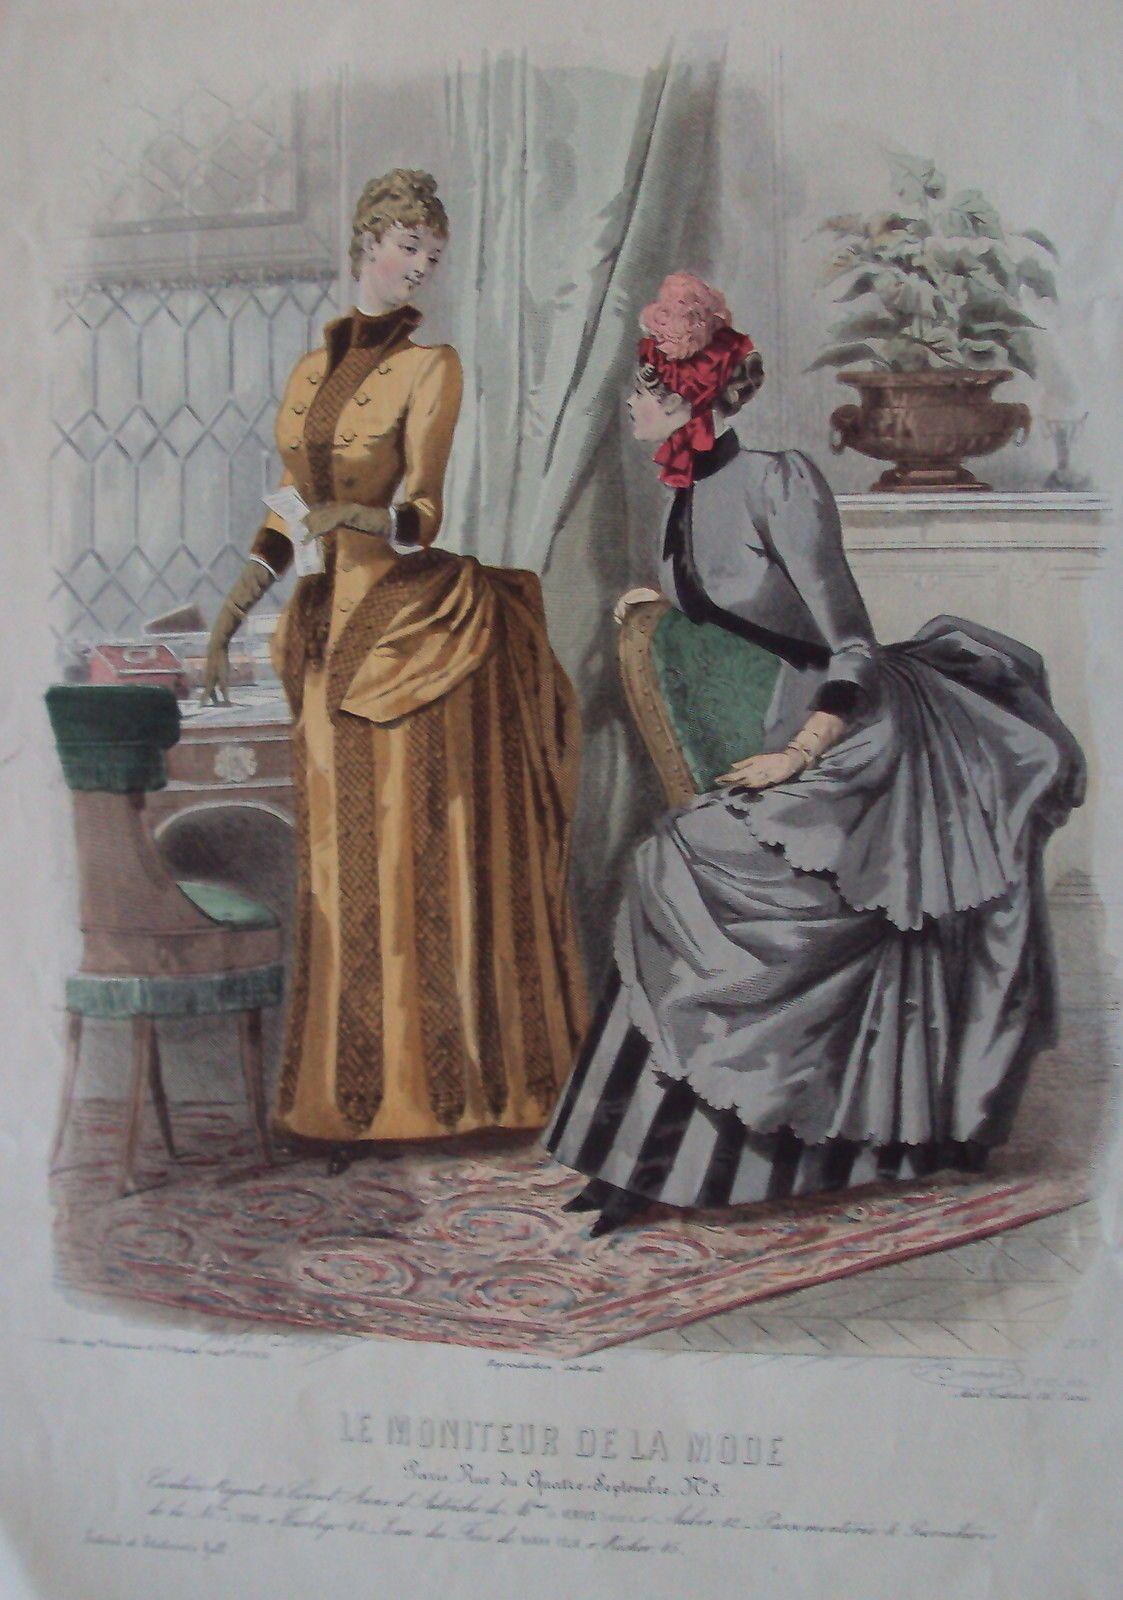 gravure le moniteur de la mode robes anciennes n° 47 - 1884